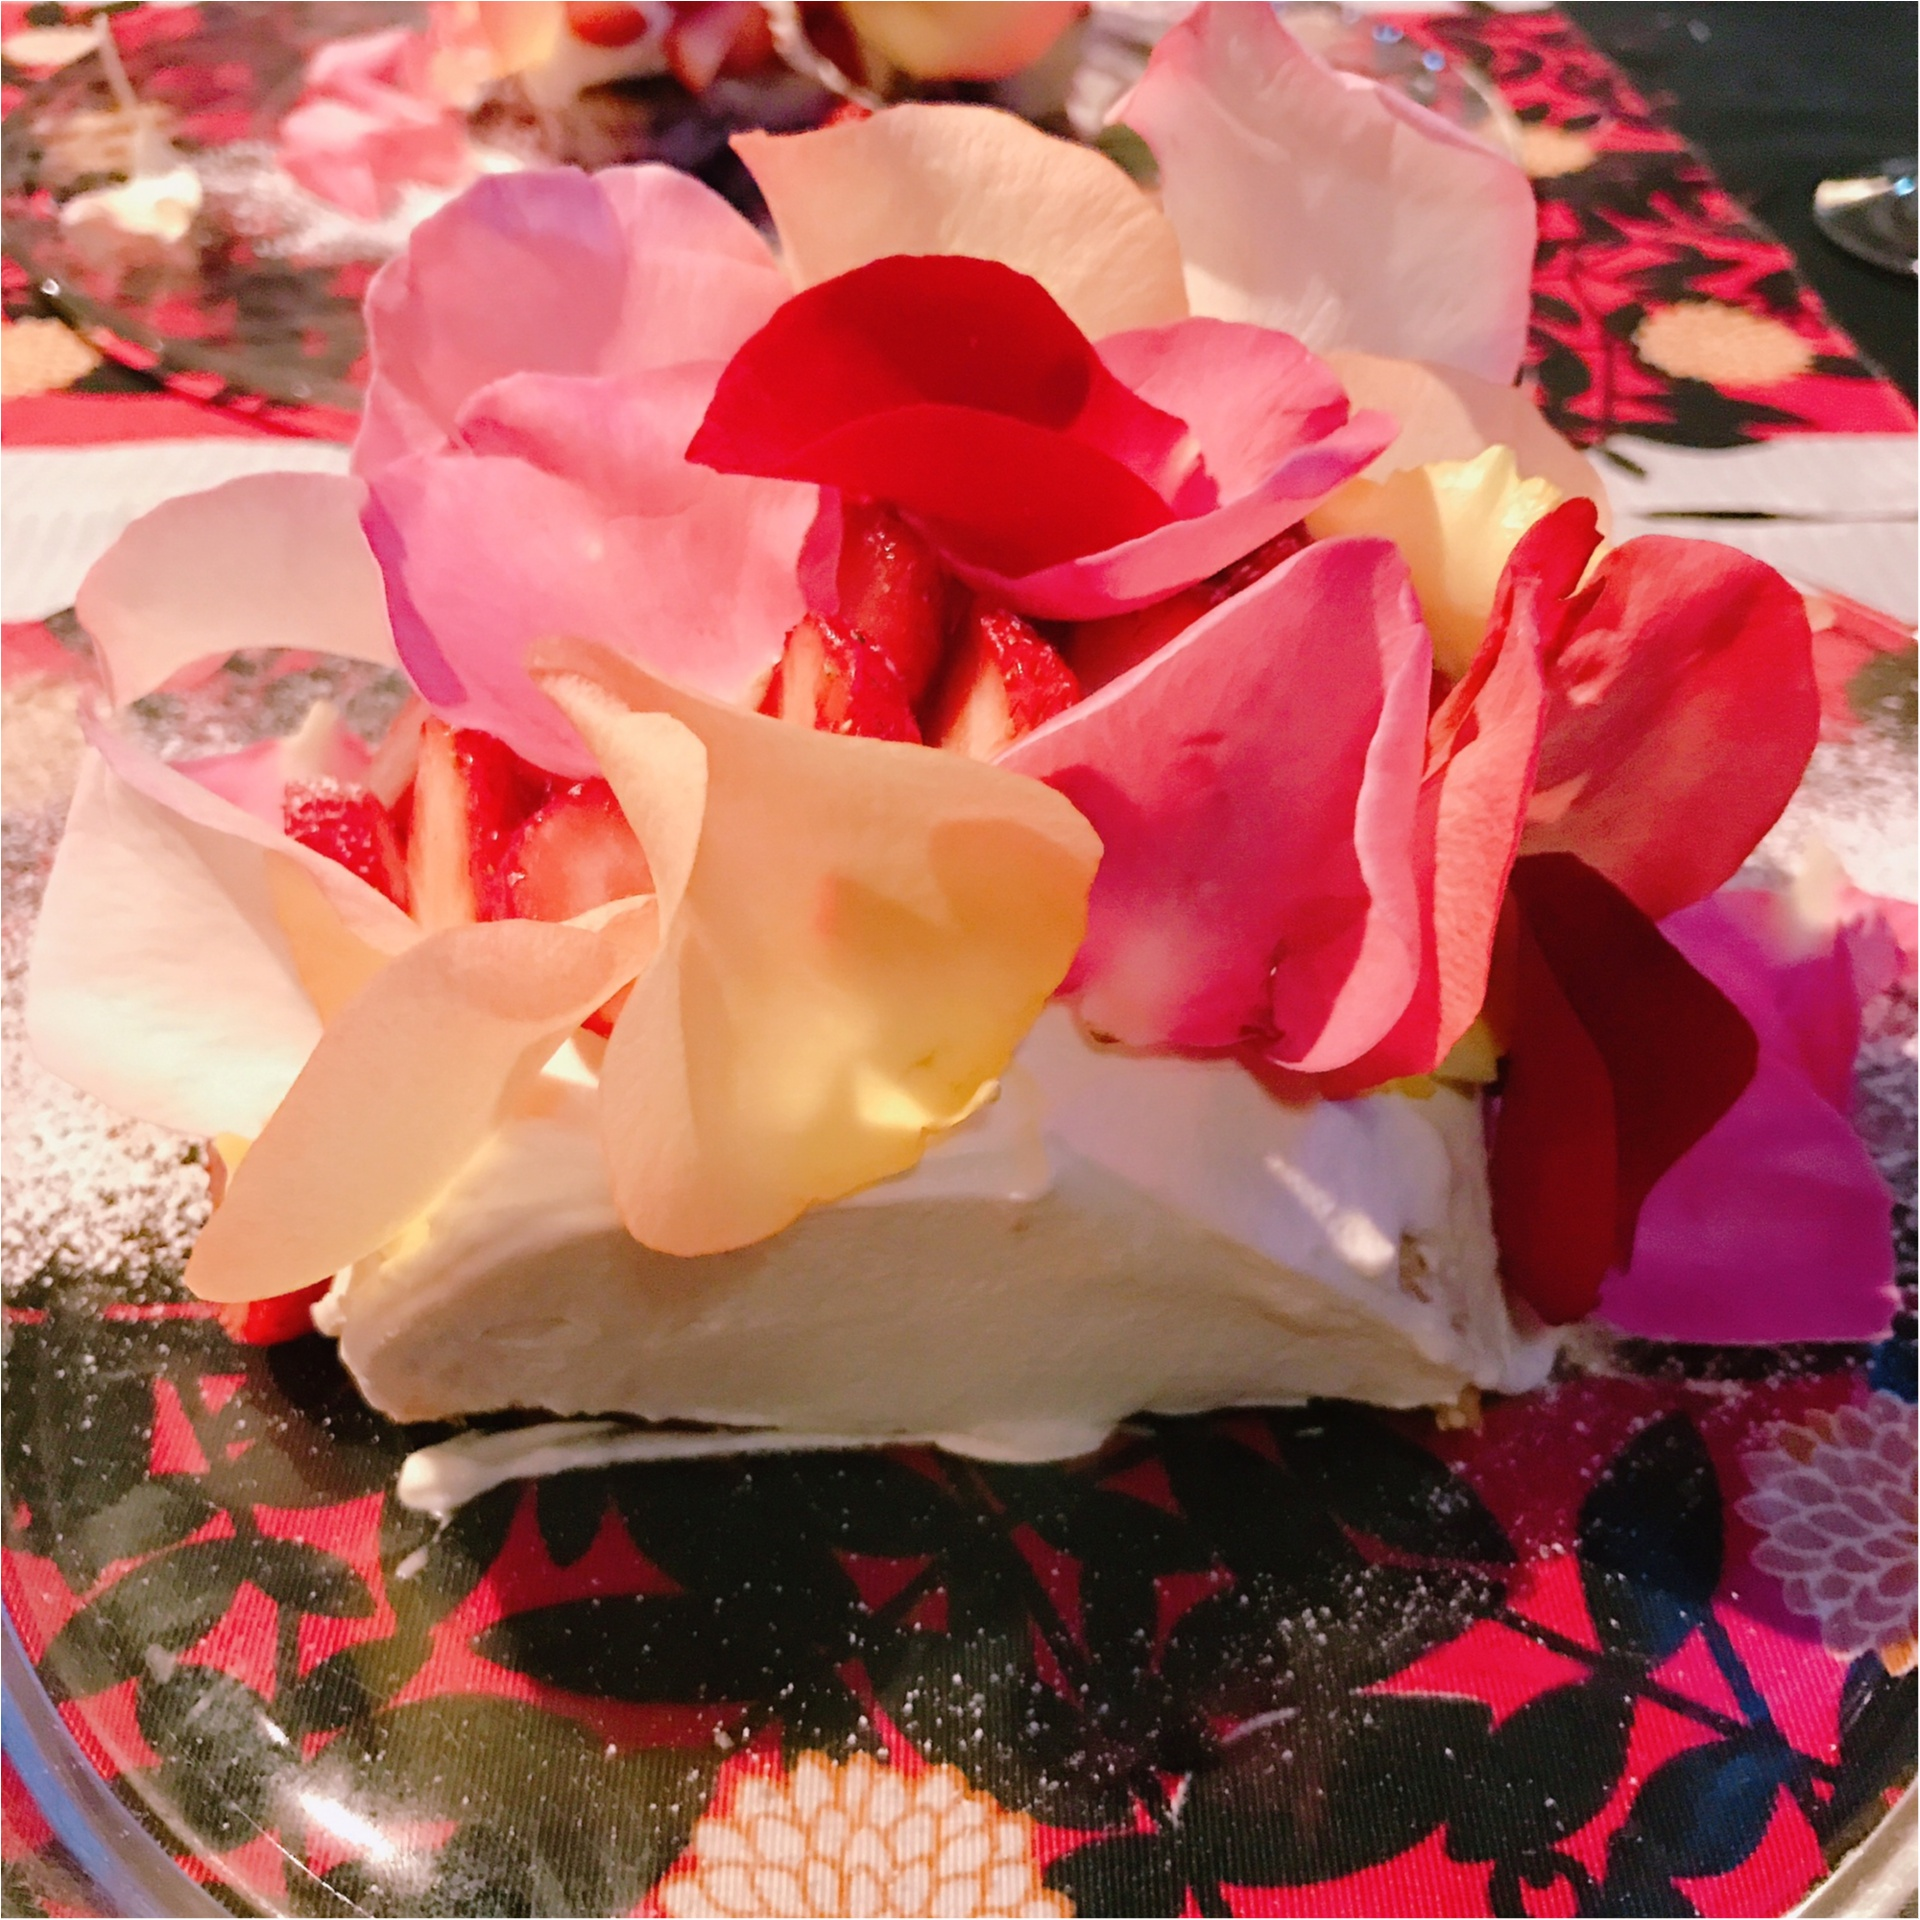 ★PINK・STRAWBERRY・FLOWER♡『可愛い』が全部詰まったスペシャルケーキが食べられるお店って?★_1